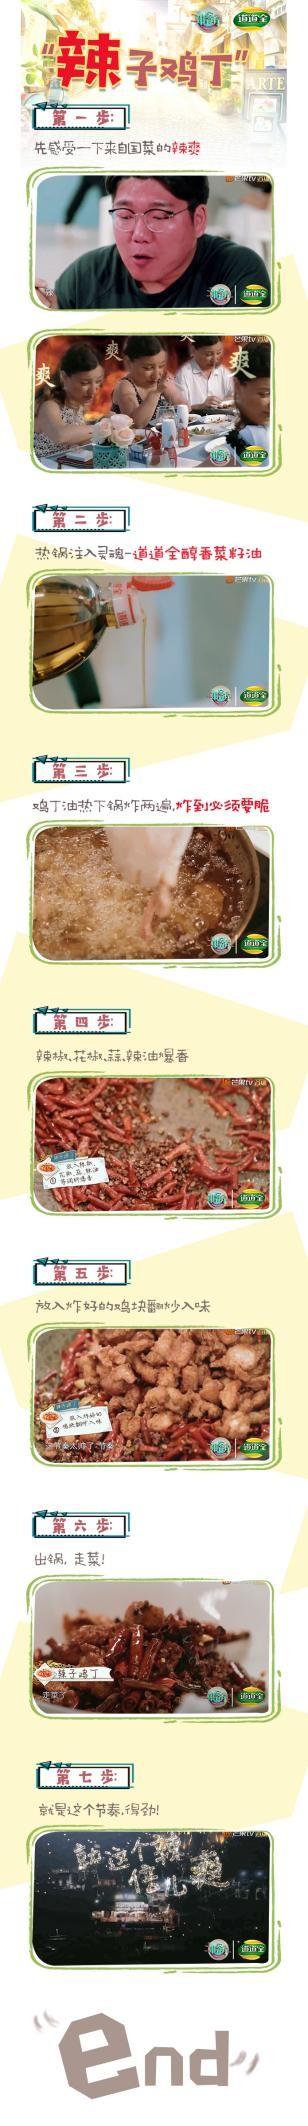 http://www.weixinrensheng.com/meishi/612374.html